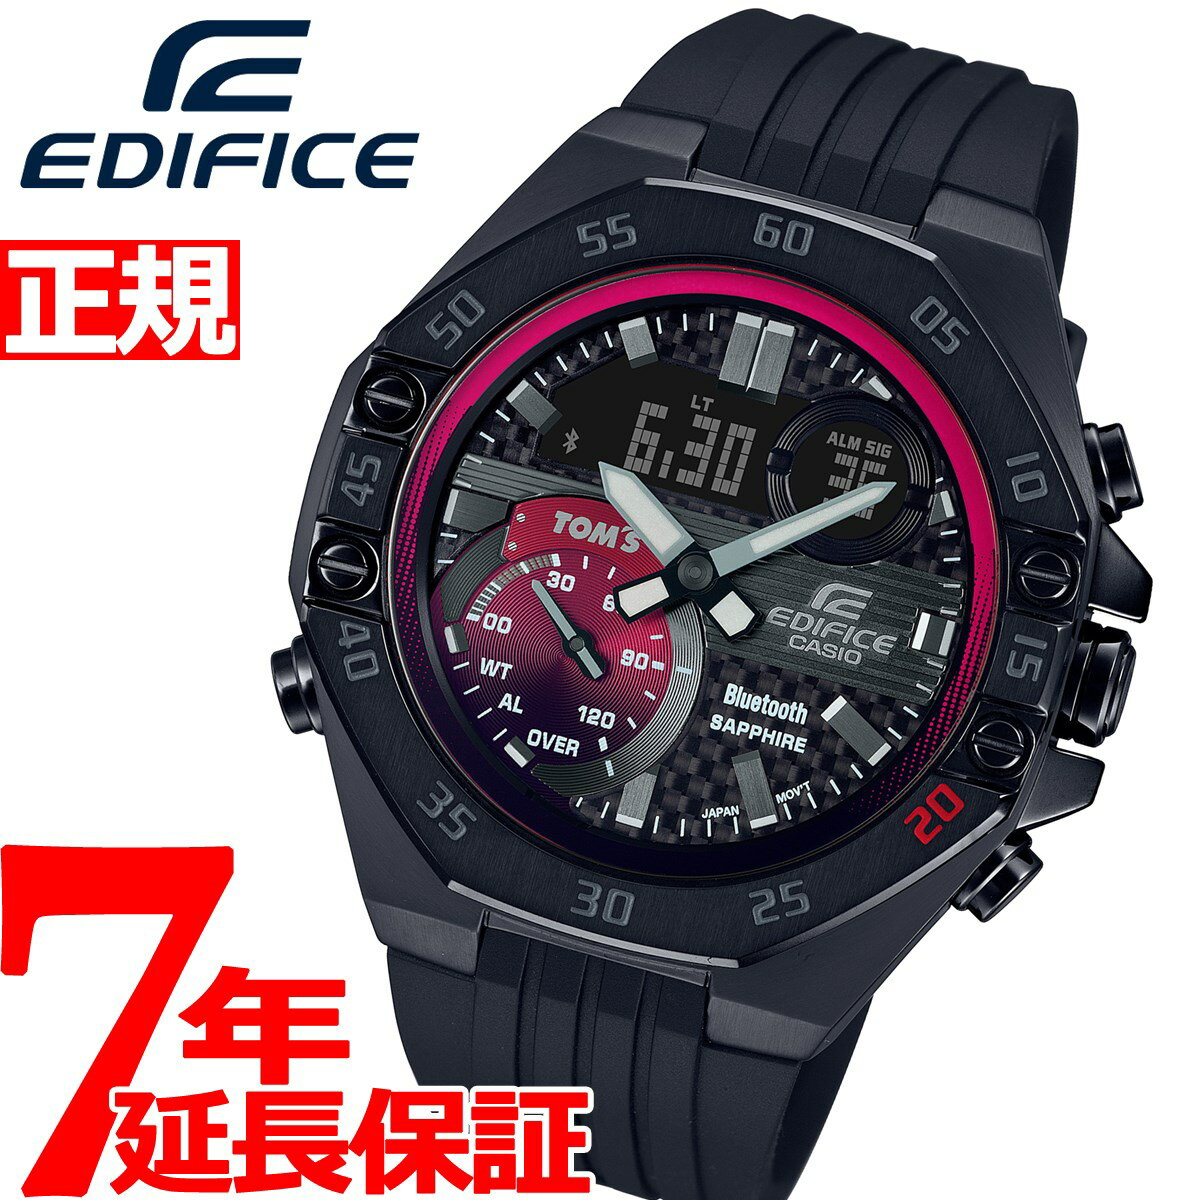 CASIO edifice watch 2000OFF5111159 CASIO EDIFICE...